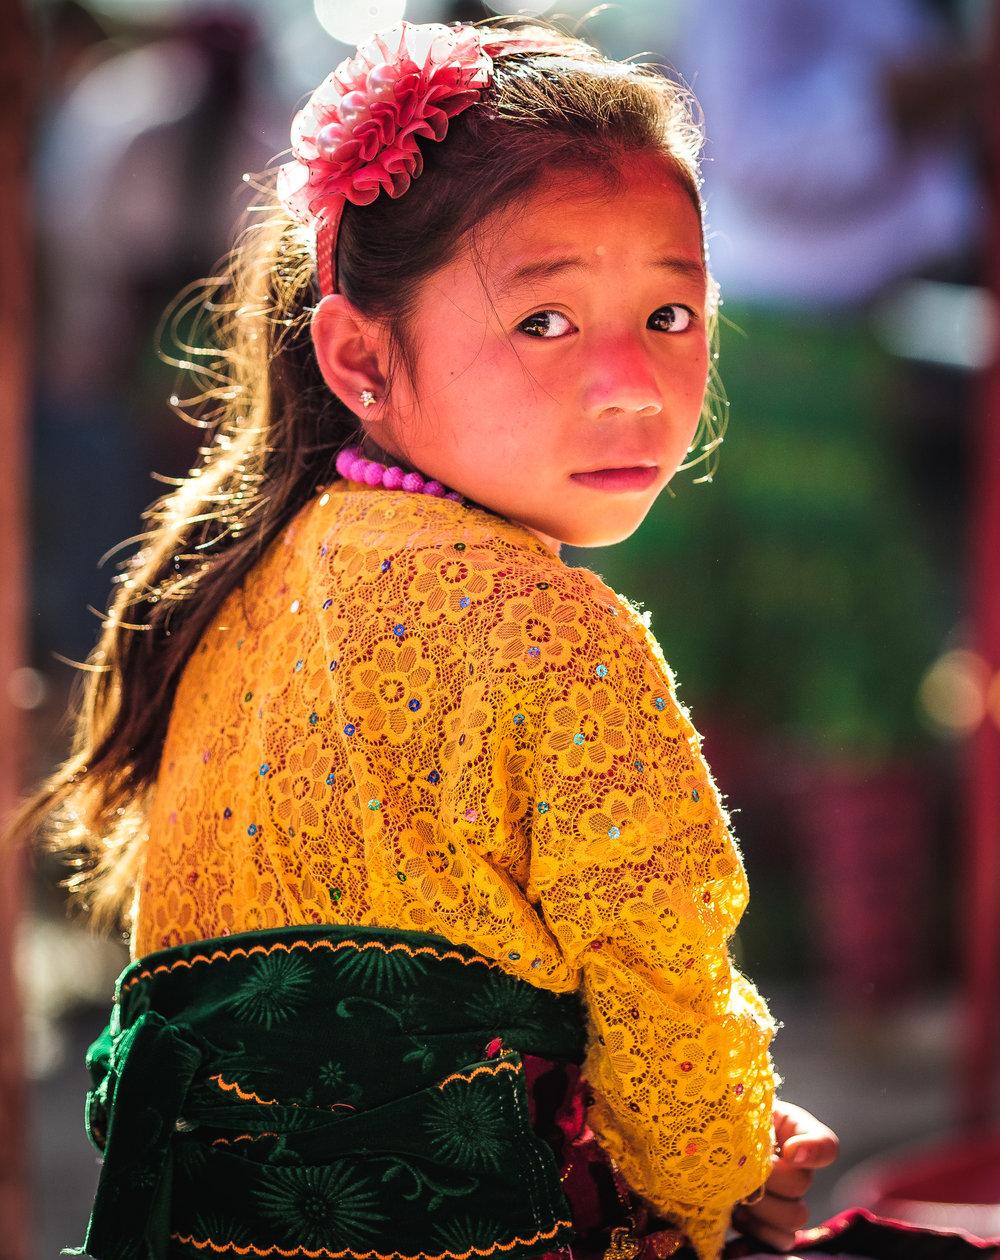 A hilltribe Child in Northen vietnam minority market